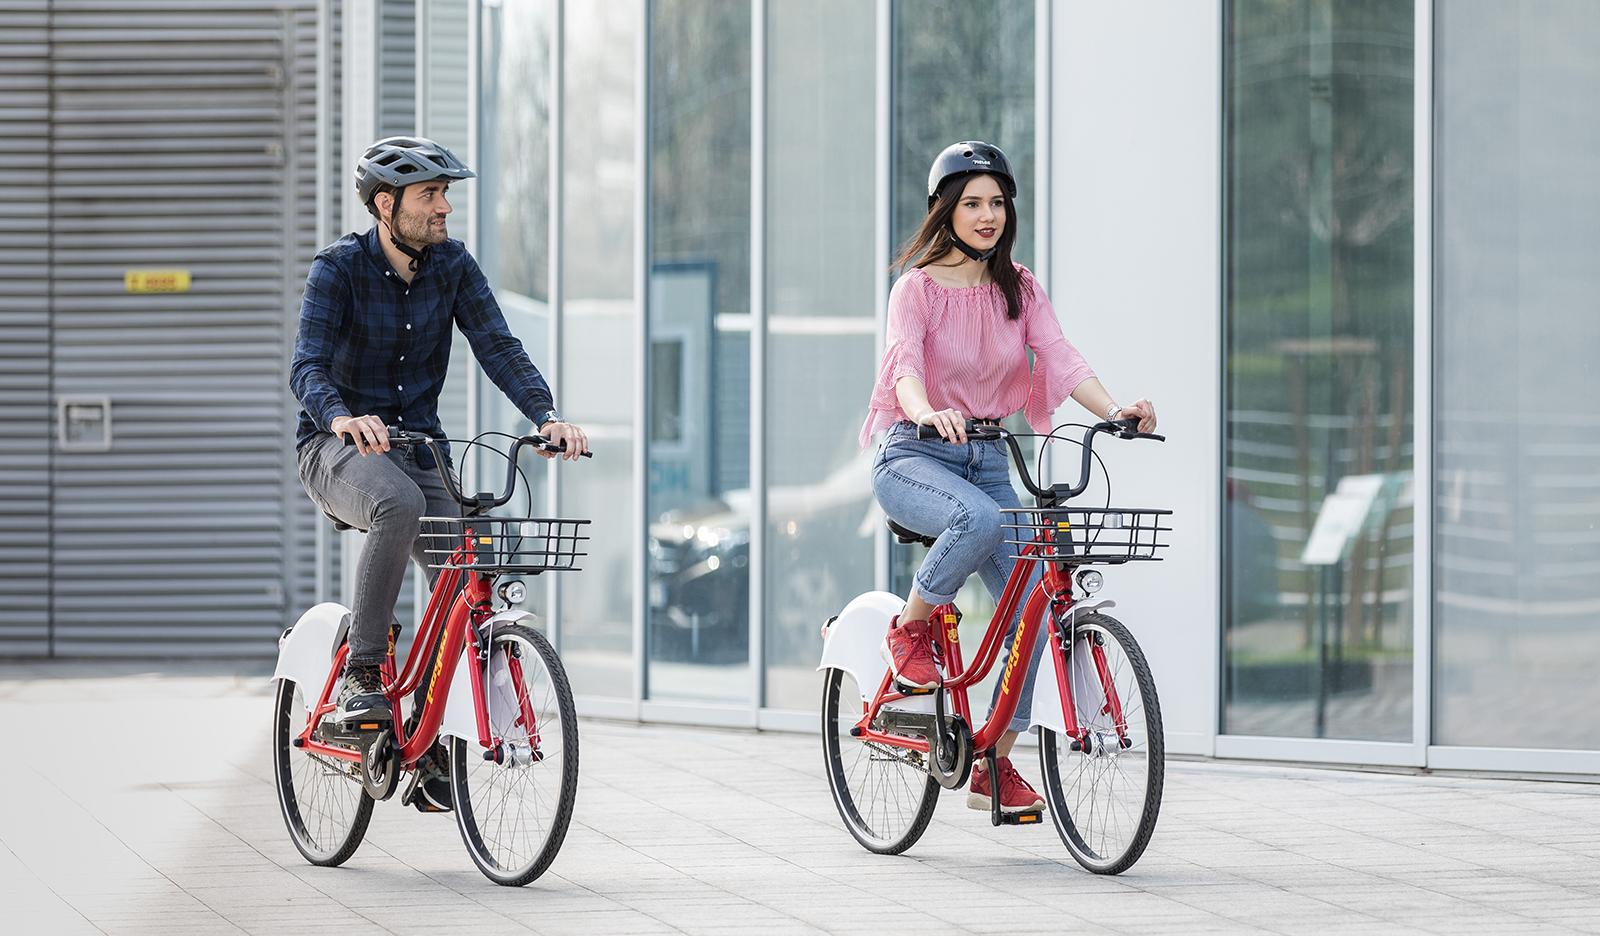 Pegas lansează un sistem de închiriere de biciclete prin aplicație mobilă. Ionuț Stanimir, BCR: Ape Rider powered by Pegas, este unul dintre cele mai importante proiecte de mobilitate urbană susținute de BCR